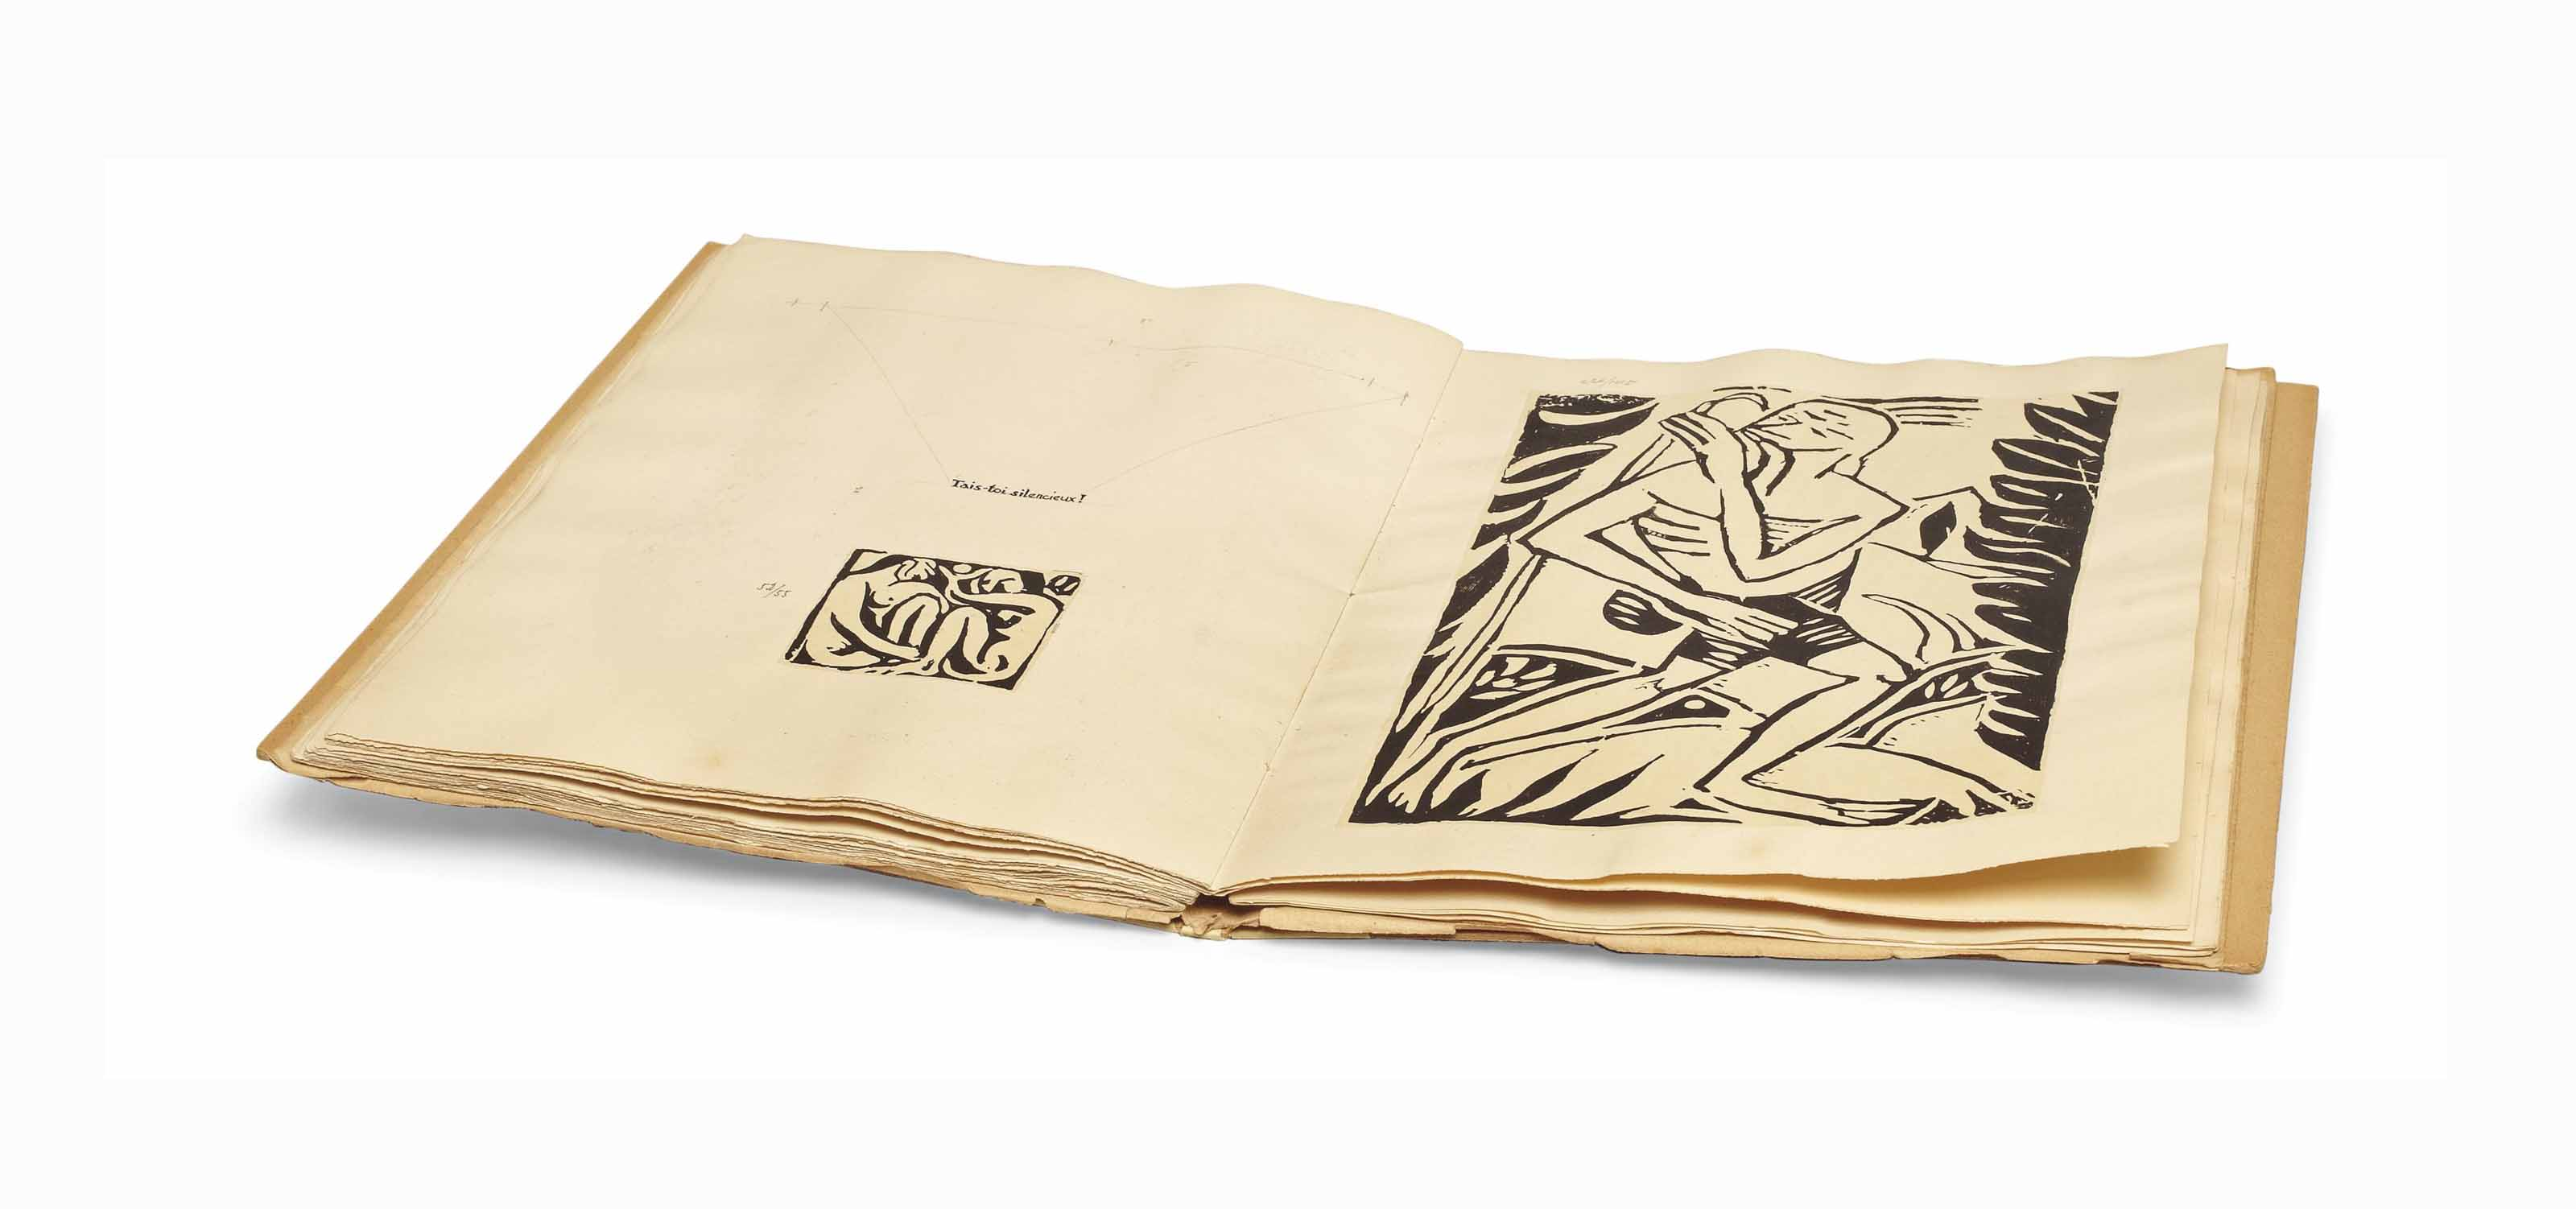 DERAIN] -- Guillaume APOLLINAIRE (1880-1918)  [Maquette pour